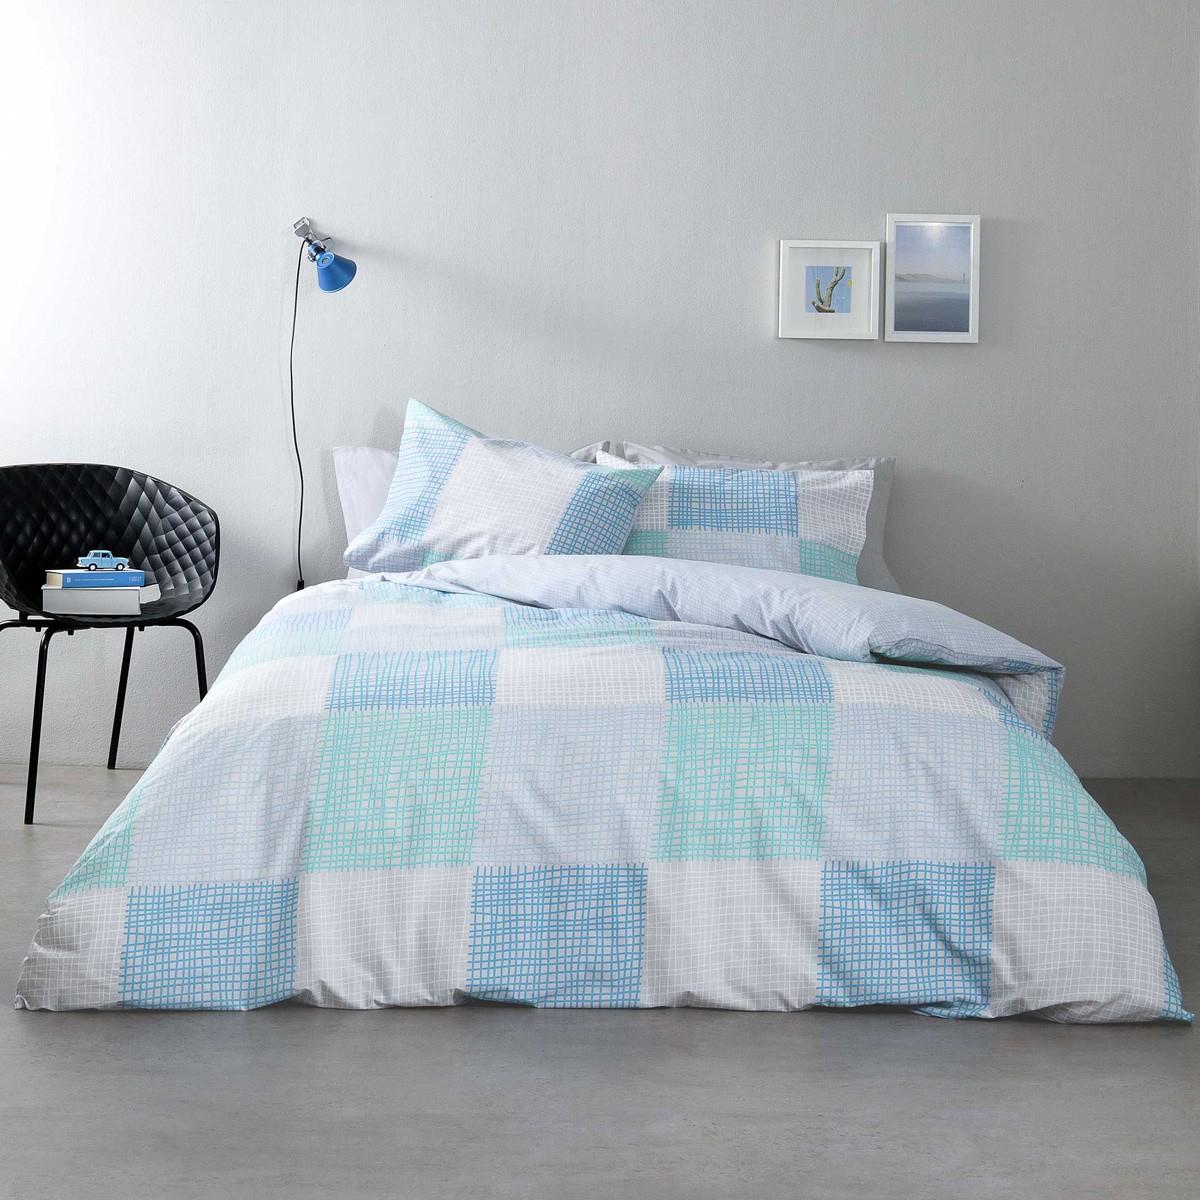 Σεντόνια Υπέρδιπλα (Σετ) Nima Bed Linen Rattan Blue ΜΕ ΛΑΣΤΙΧΟ ΜΕ ΛΑΣΤΙΧΟ